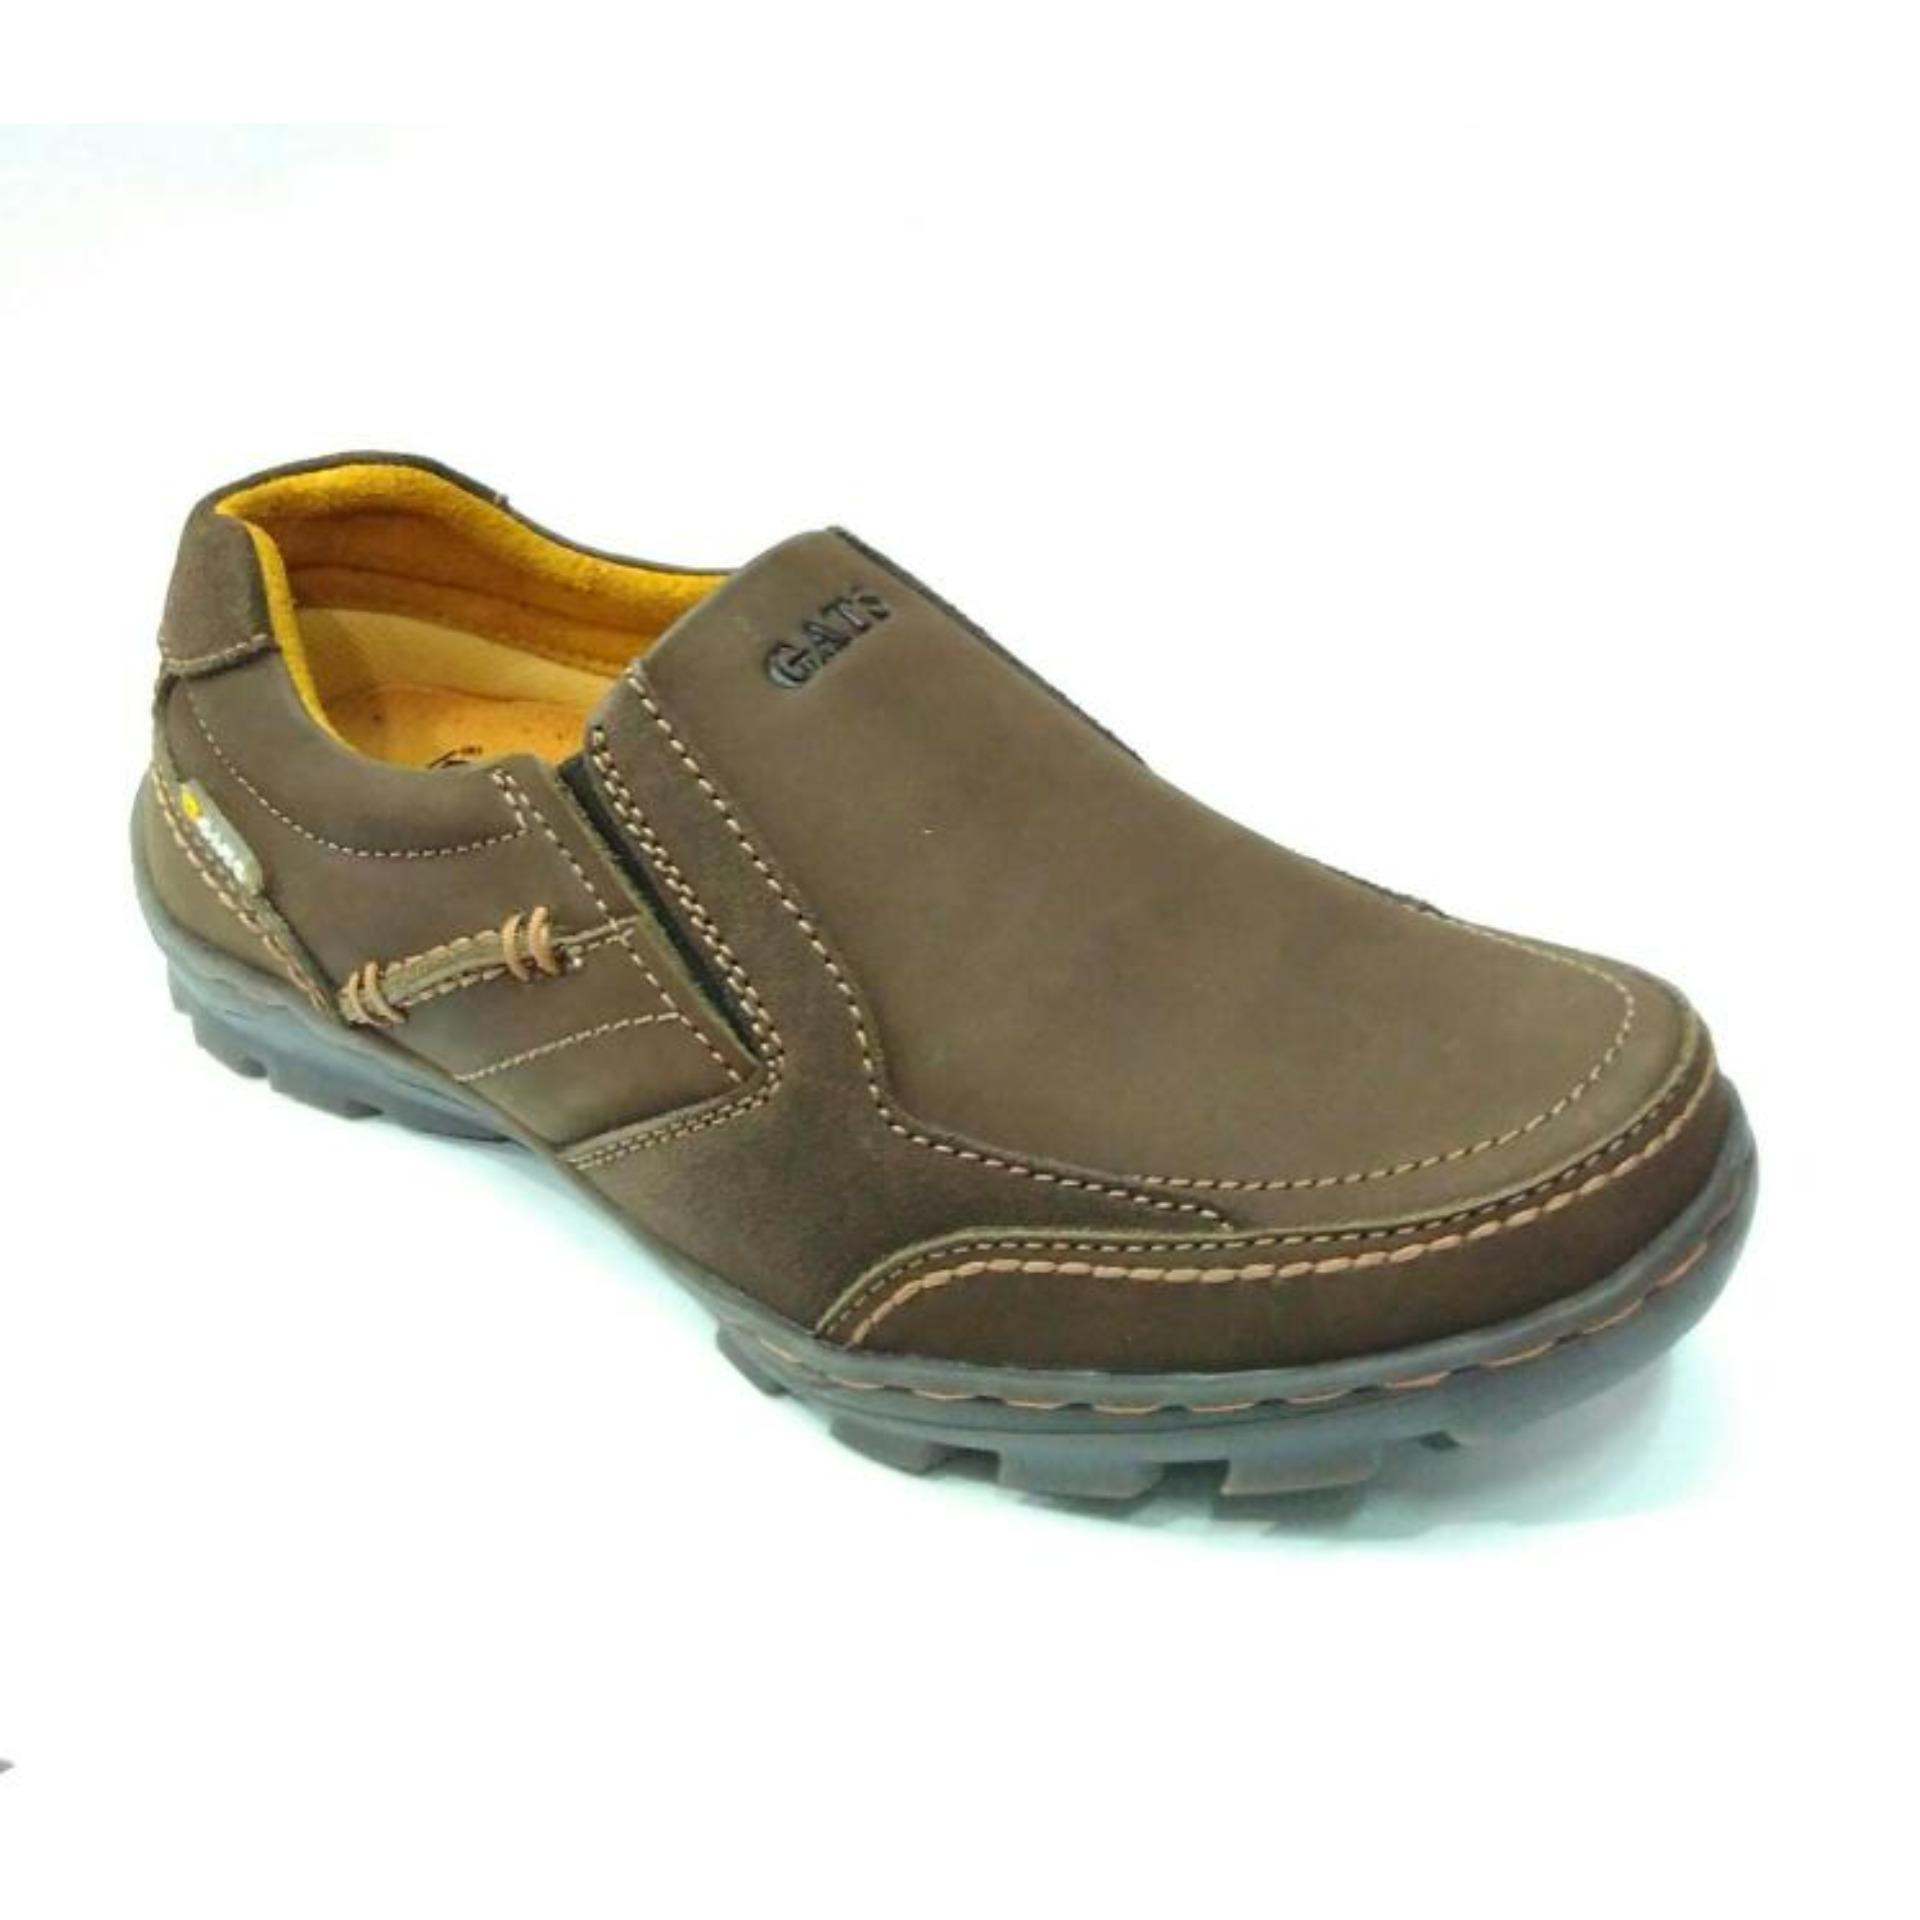 Gats Shoes Sepatu Kulit Pria Pr 7102 Hitam Beli Harga Murah To 2206 Brown 909b8c7487